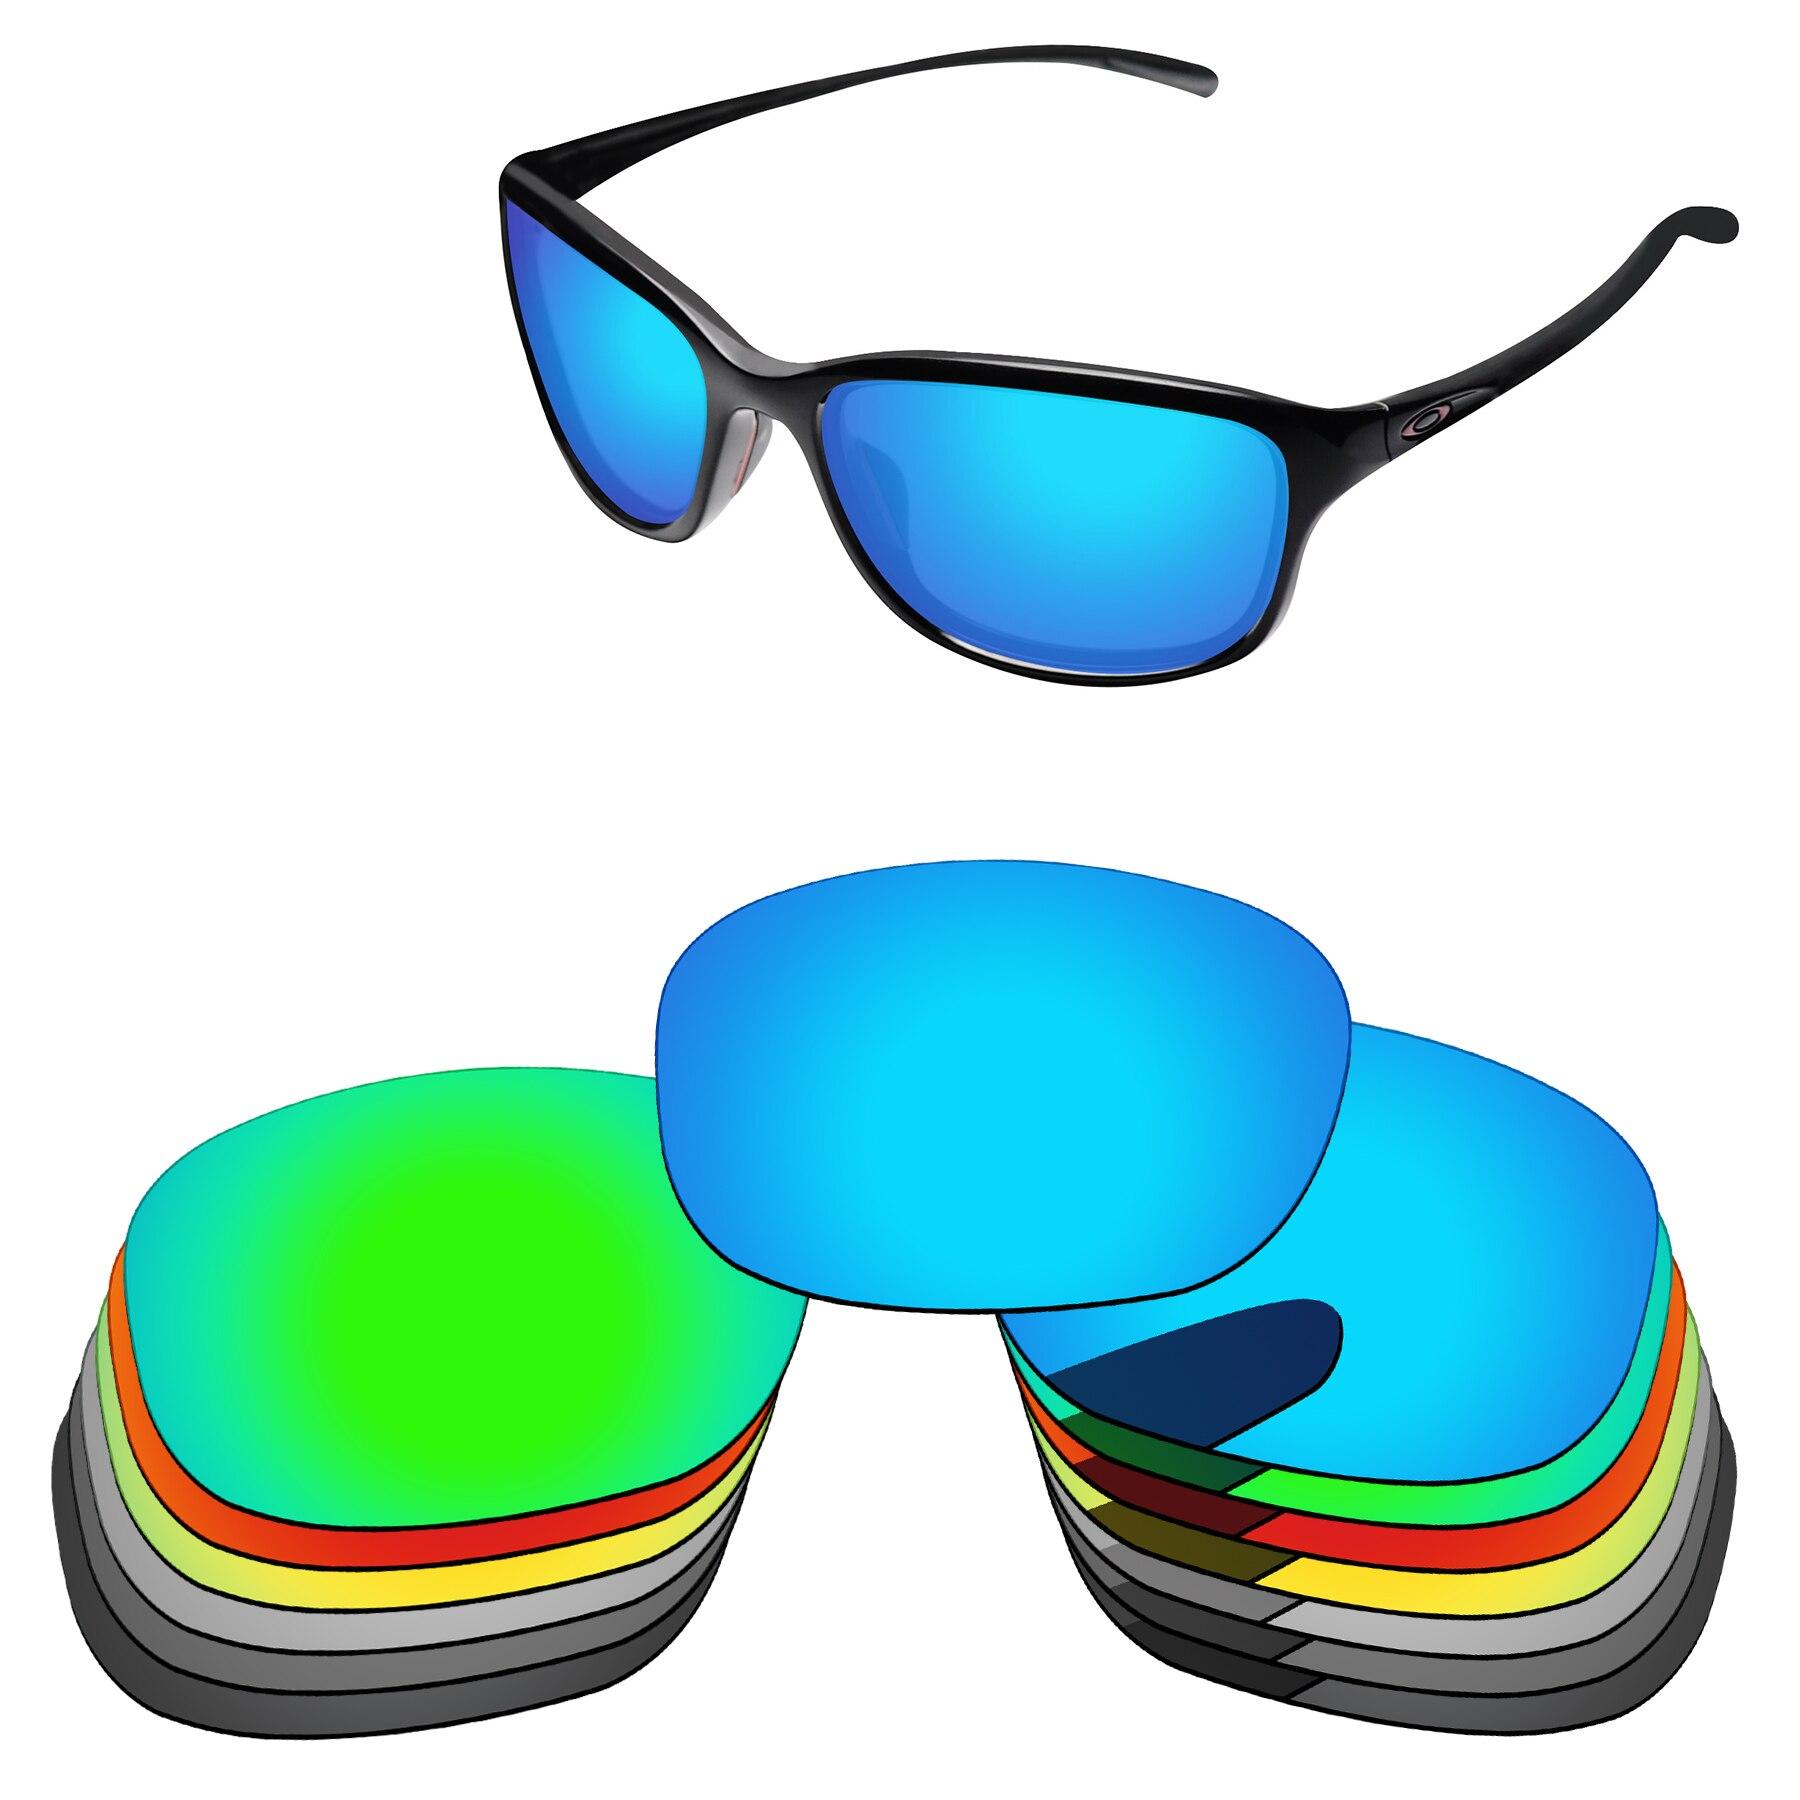 PapaViva lentes de repuesto para gafas de sol polarizadas auténticas Shes Unstoppable OO9297-opciones múltiples